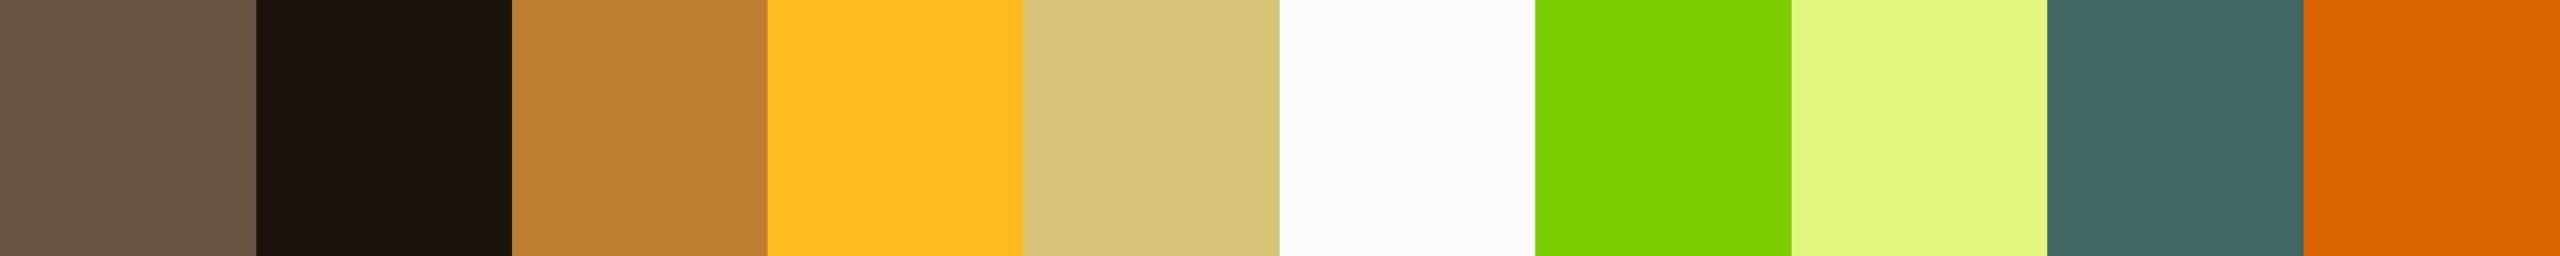 129 Mulonea Color Palette